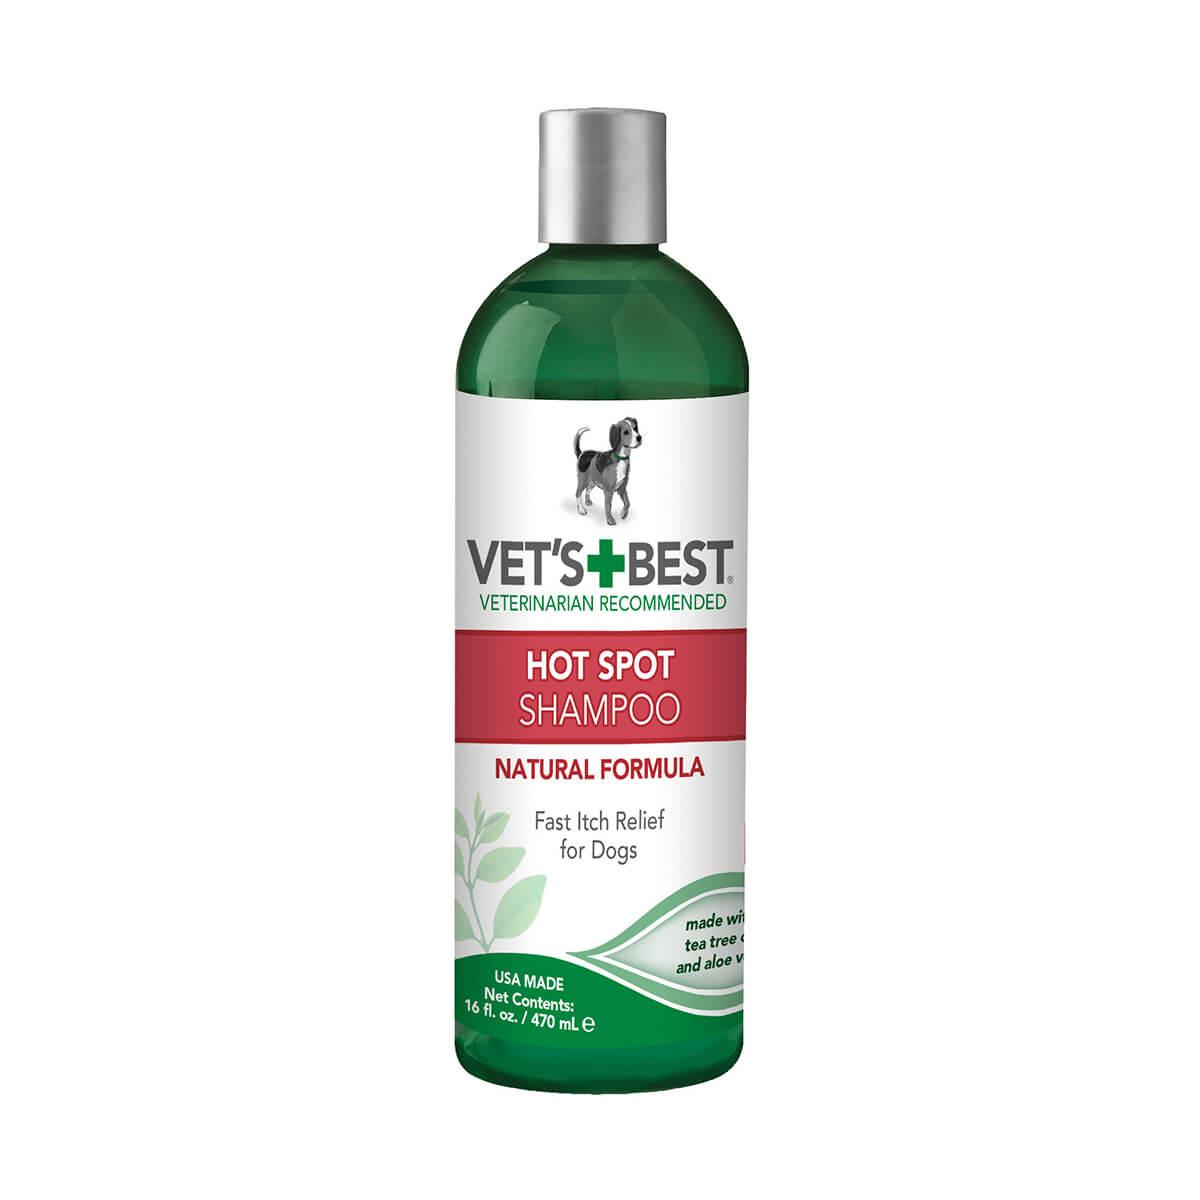 Vet's Best Hot Spot Shampoo for Dogs - 16oz